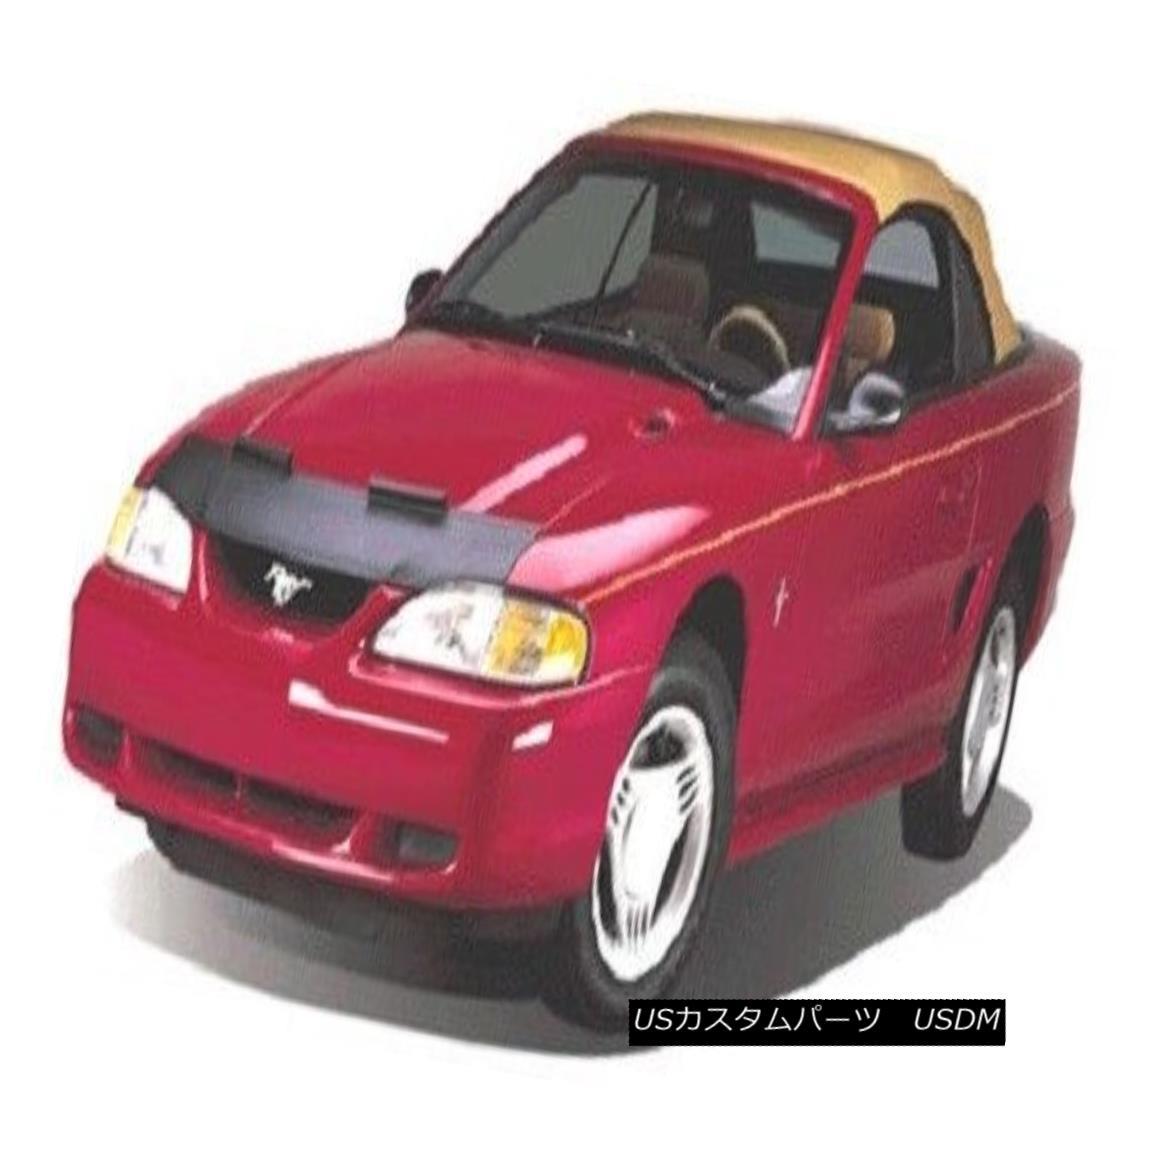 フルブラ ノーズブラ Lebra Hood Protector Mini Mask Bra Fits 2005-2007 Ford Focus Lebraフードプロテクターミニマスクブラは2005-2007 Ford Focusに適合